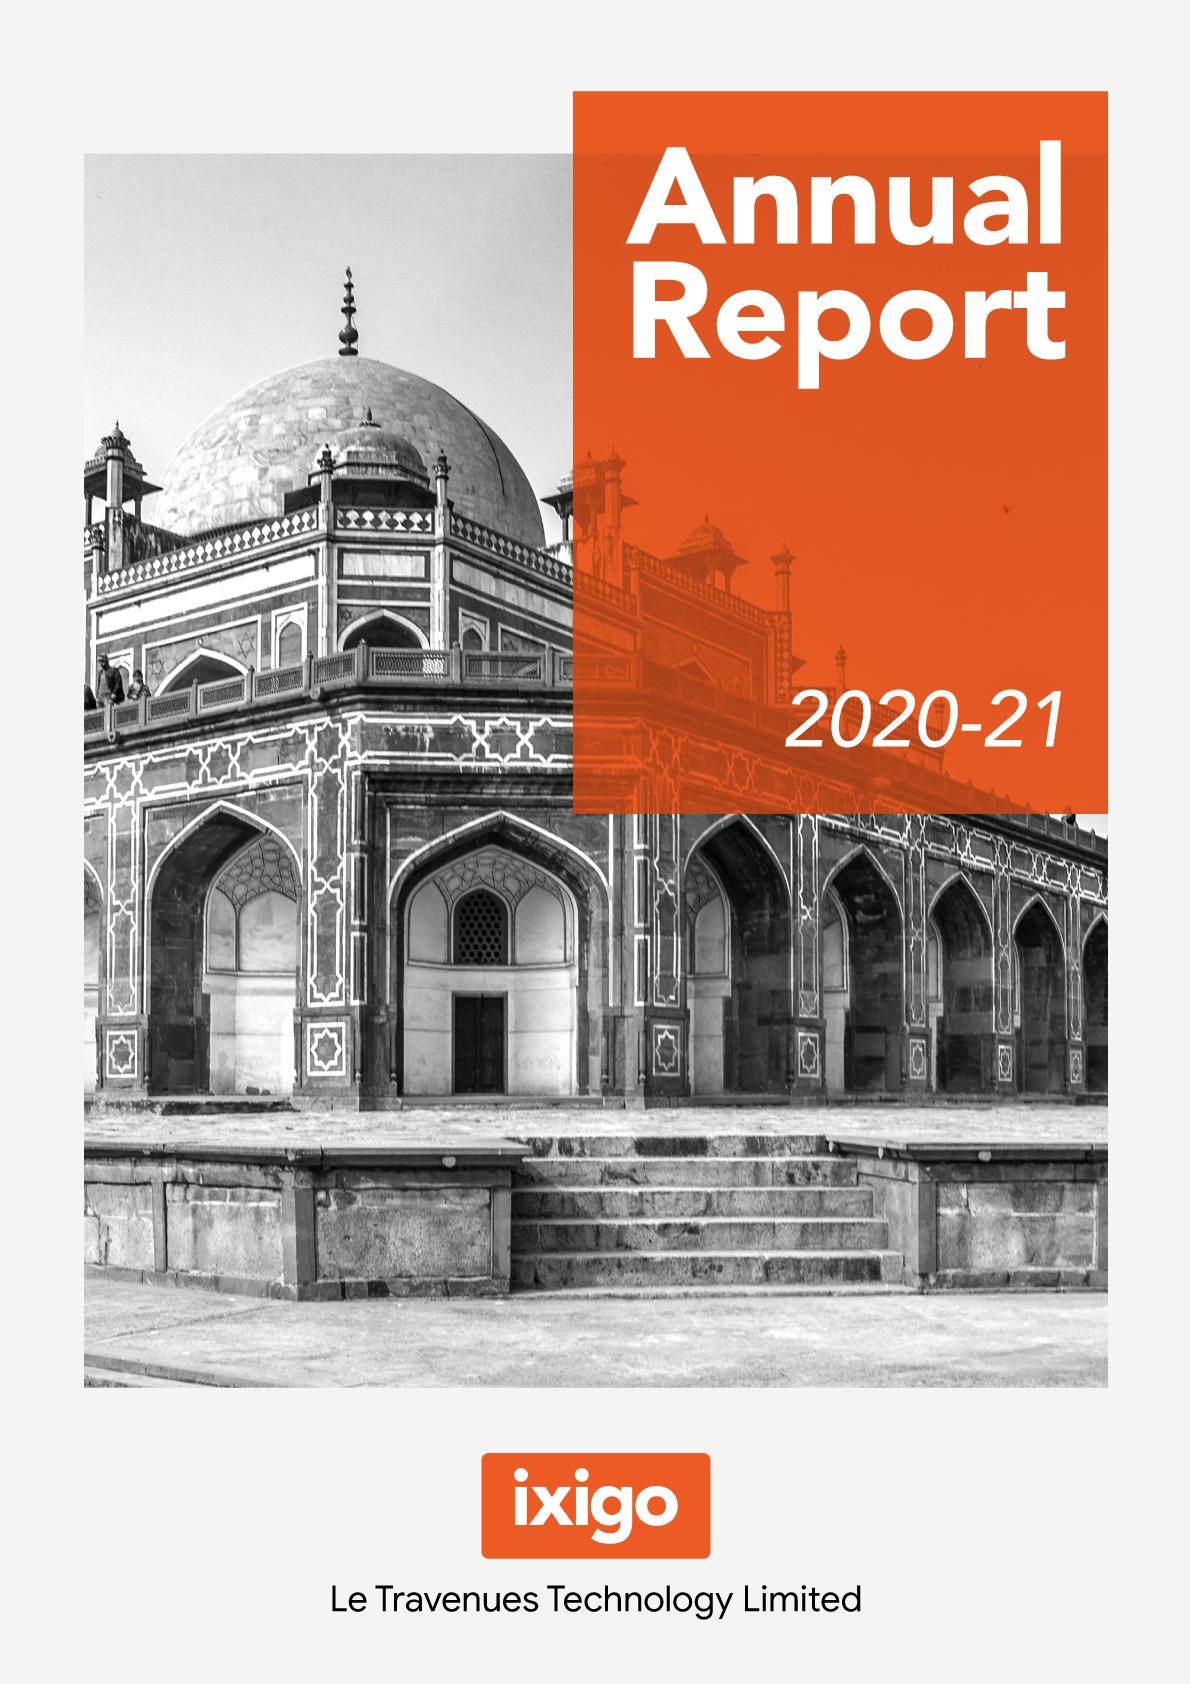 ixigo annual report